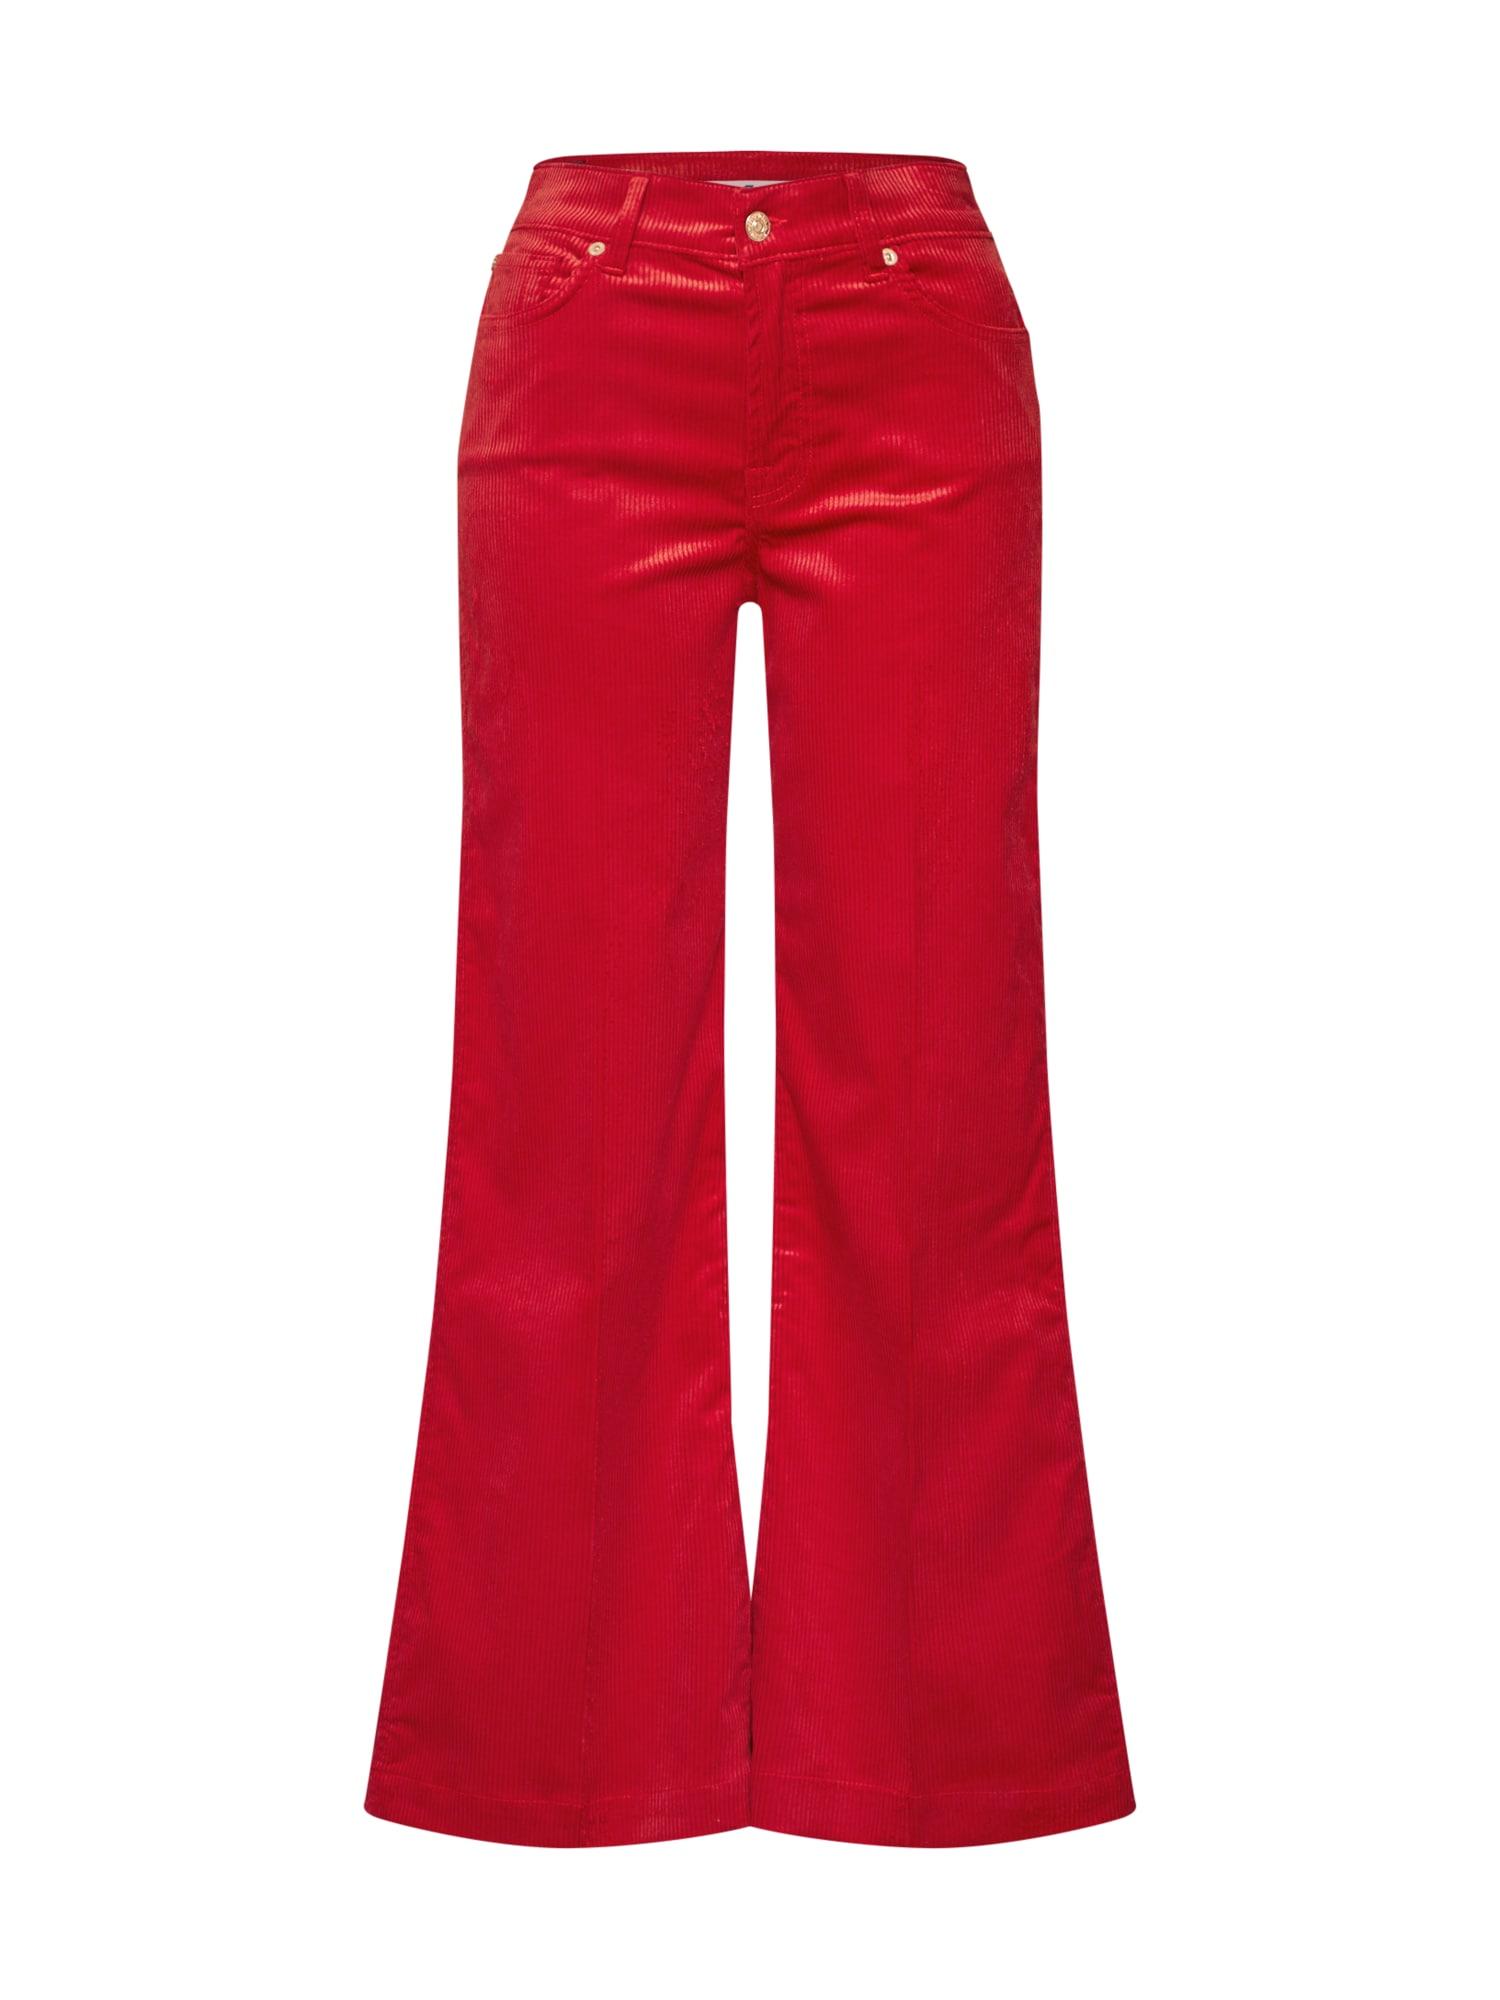 Kalhoty LOTTA červená 7 For All Mankind